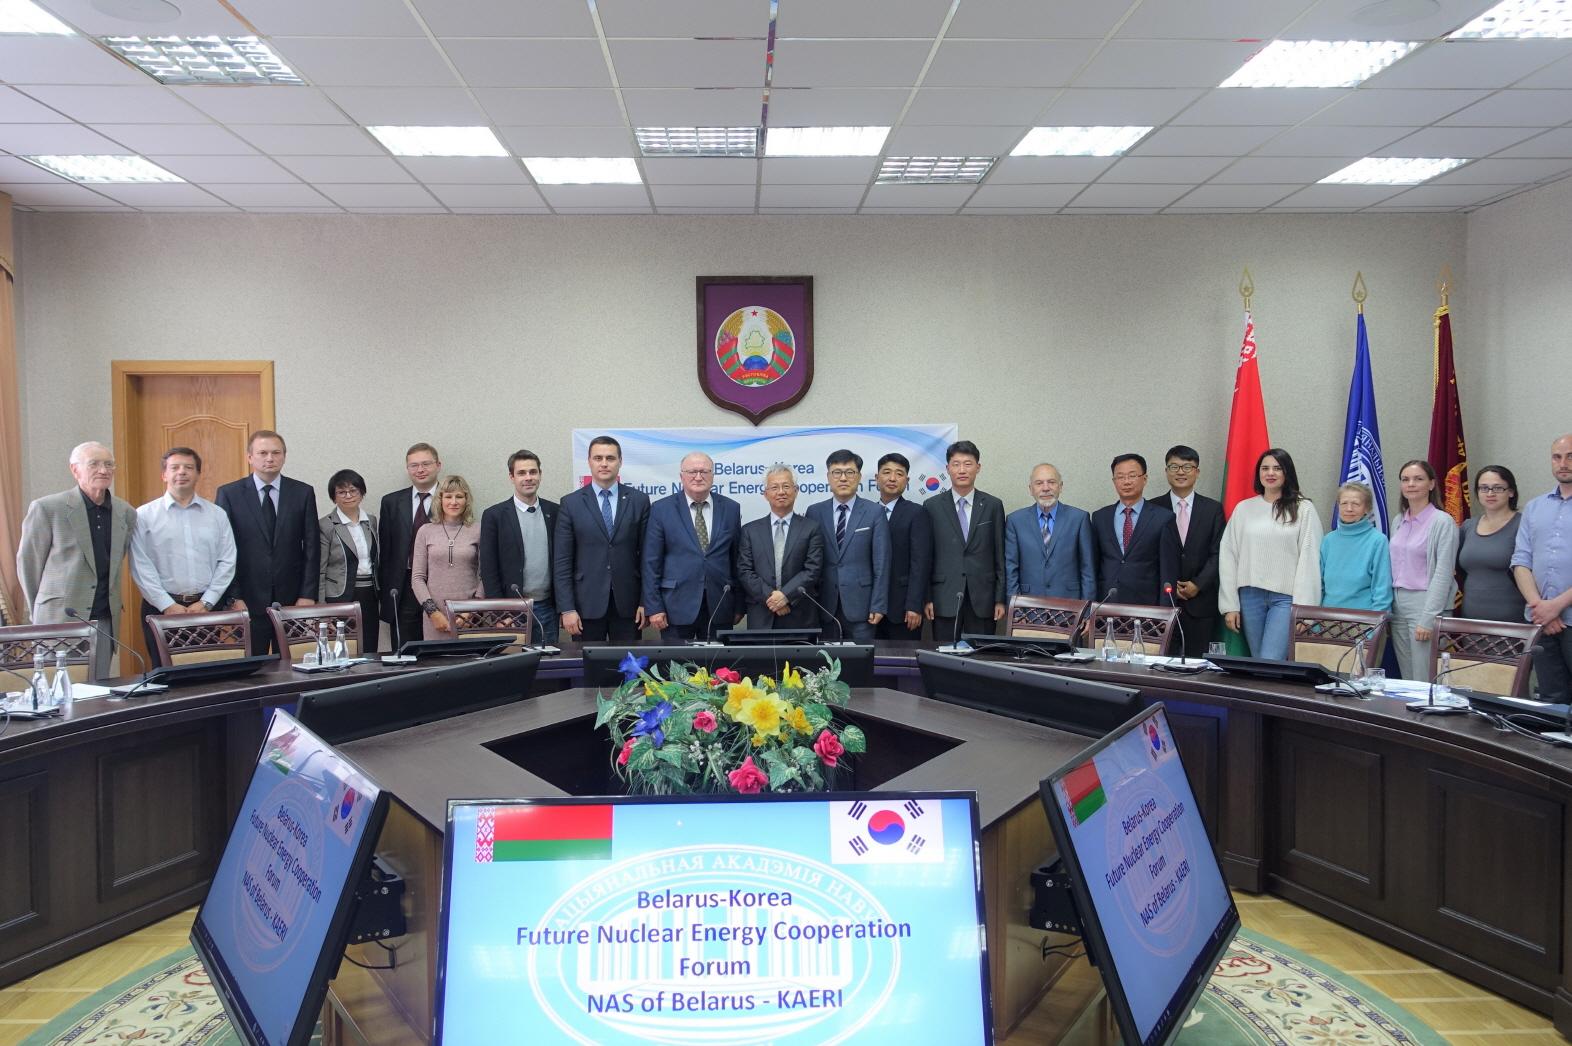 한-벨라루스 미래원자력협력 포럼 개최